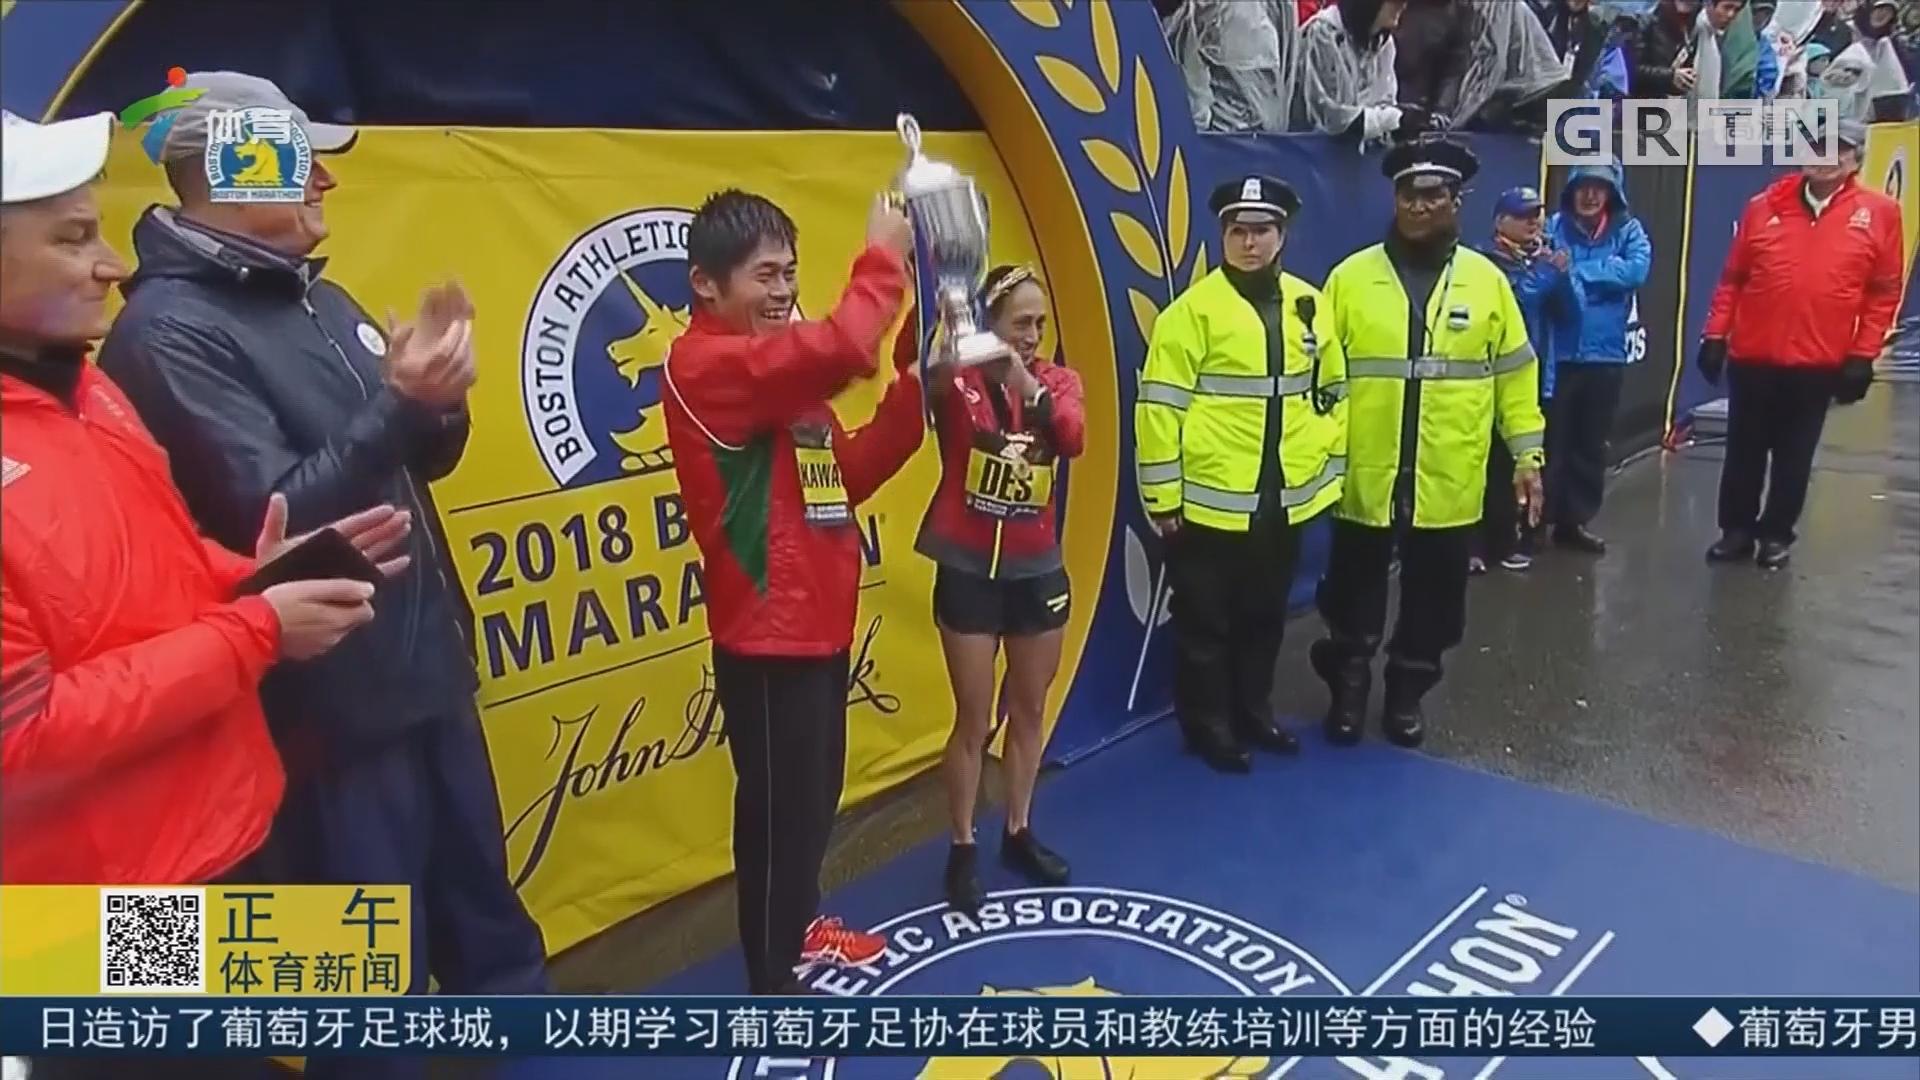 波士顿马拉松 日本、美国选手分获男女子冠军